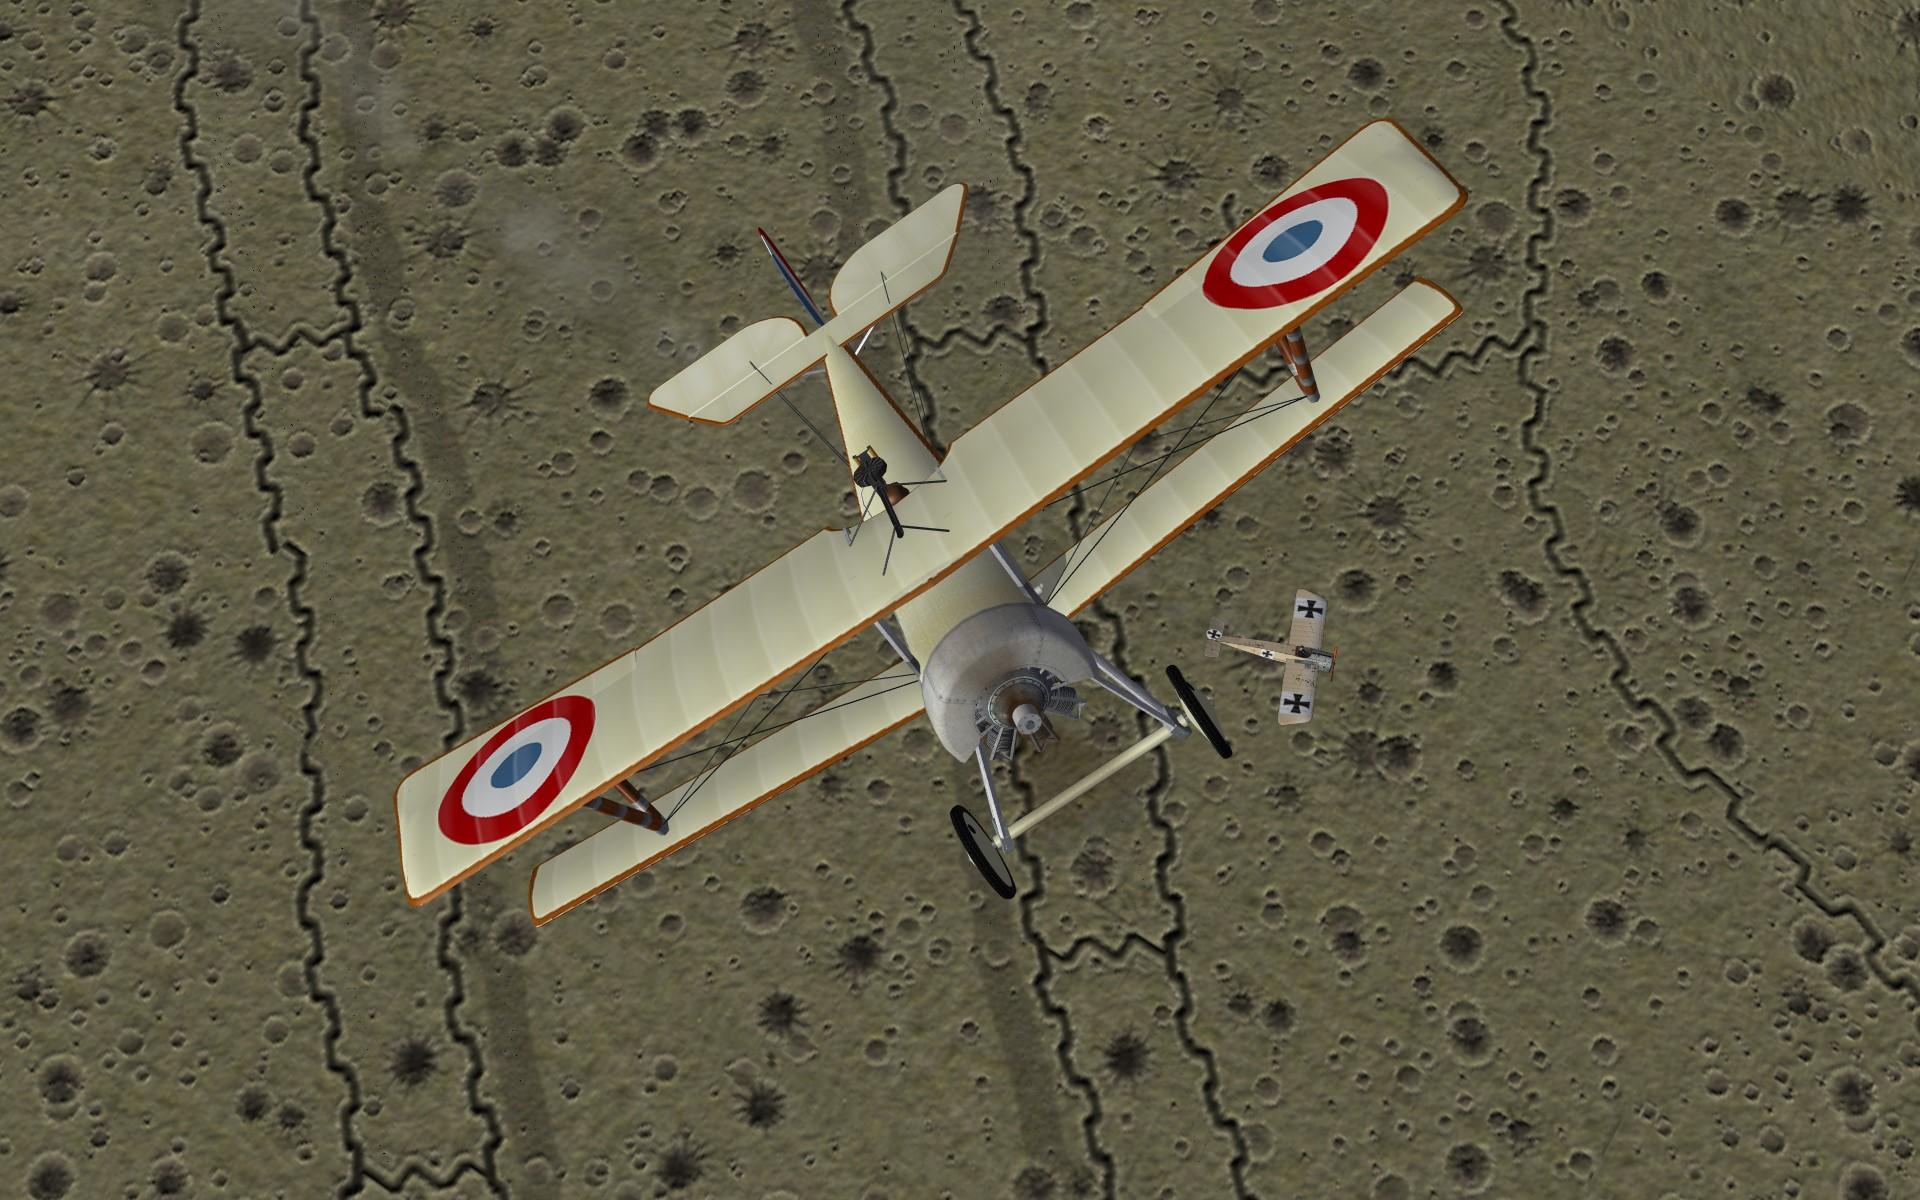 Nieuport11vsfokkereiii